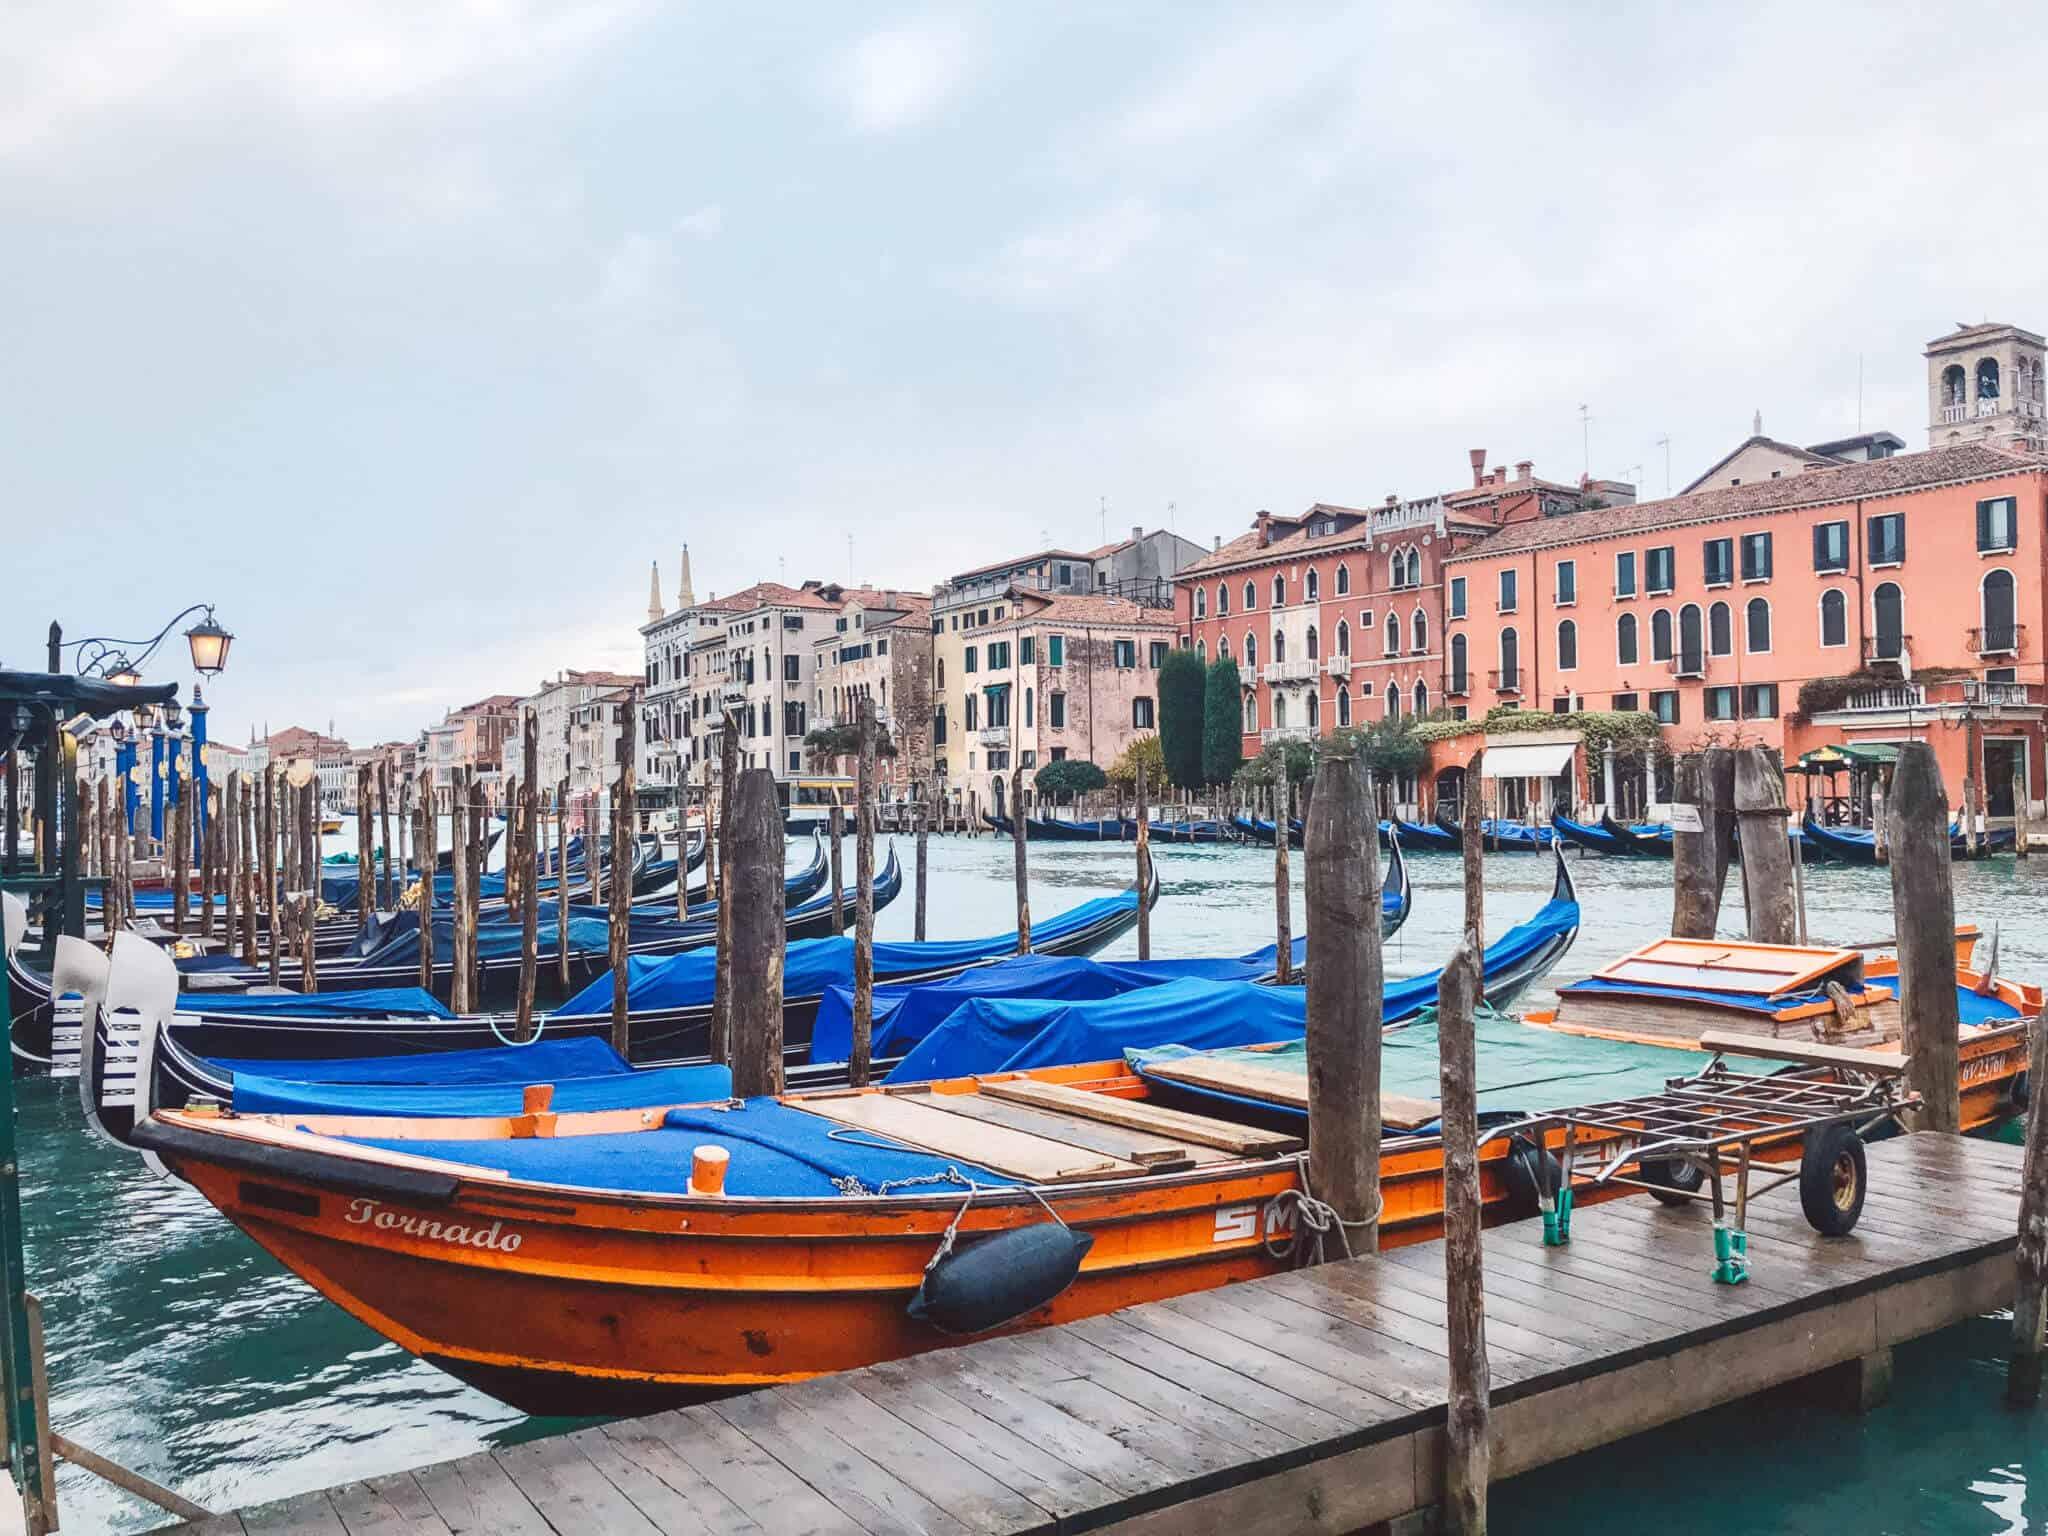 Venice, Italy - Gondolas